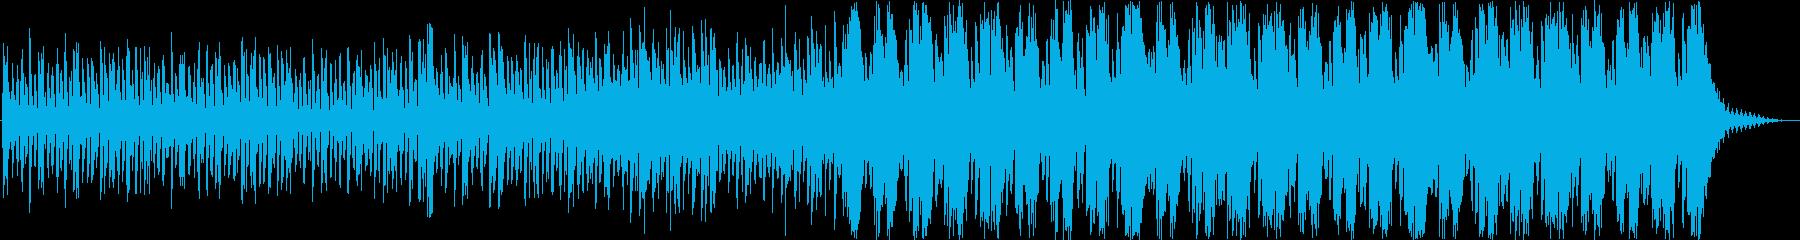 明るめなストリングスシネマティック曲の再生済みの波形